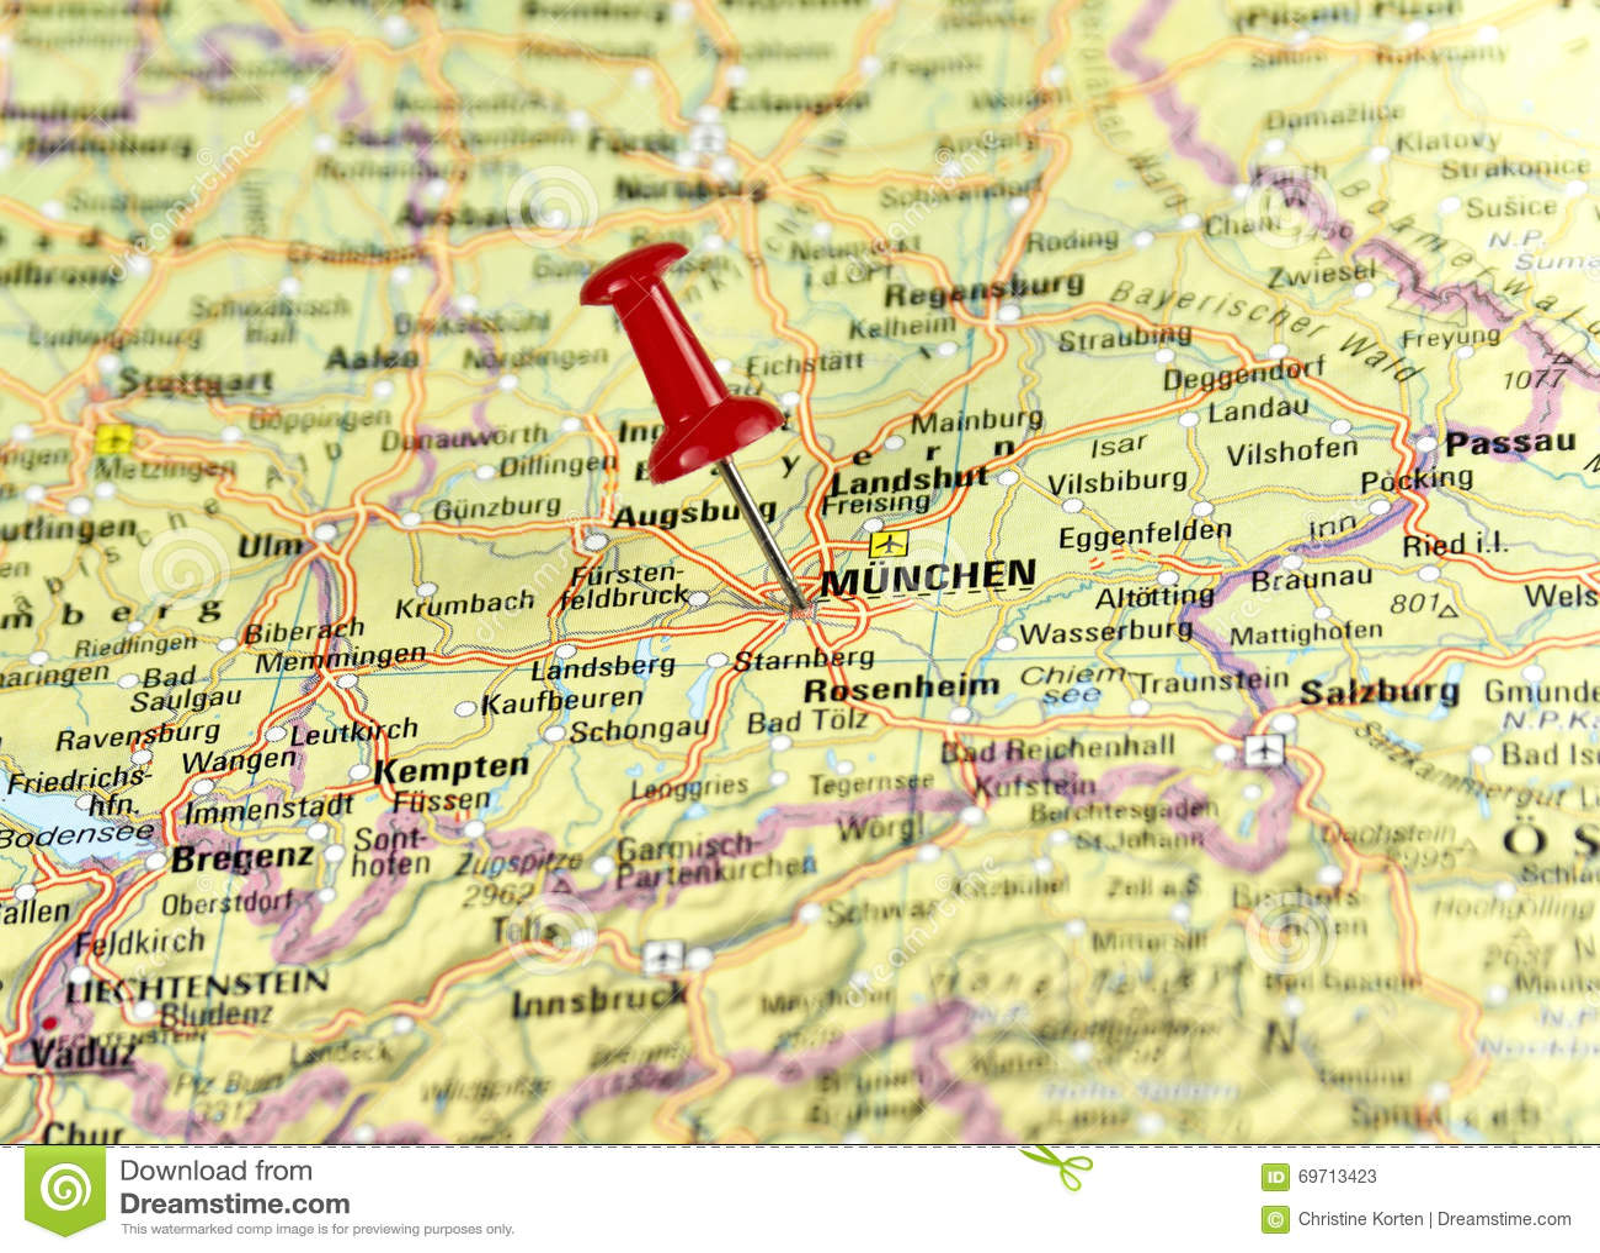 Map Of Germany Showing Munich.Pin Set On Munich Stock Image Image Of Close Extreme 69713423